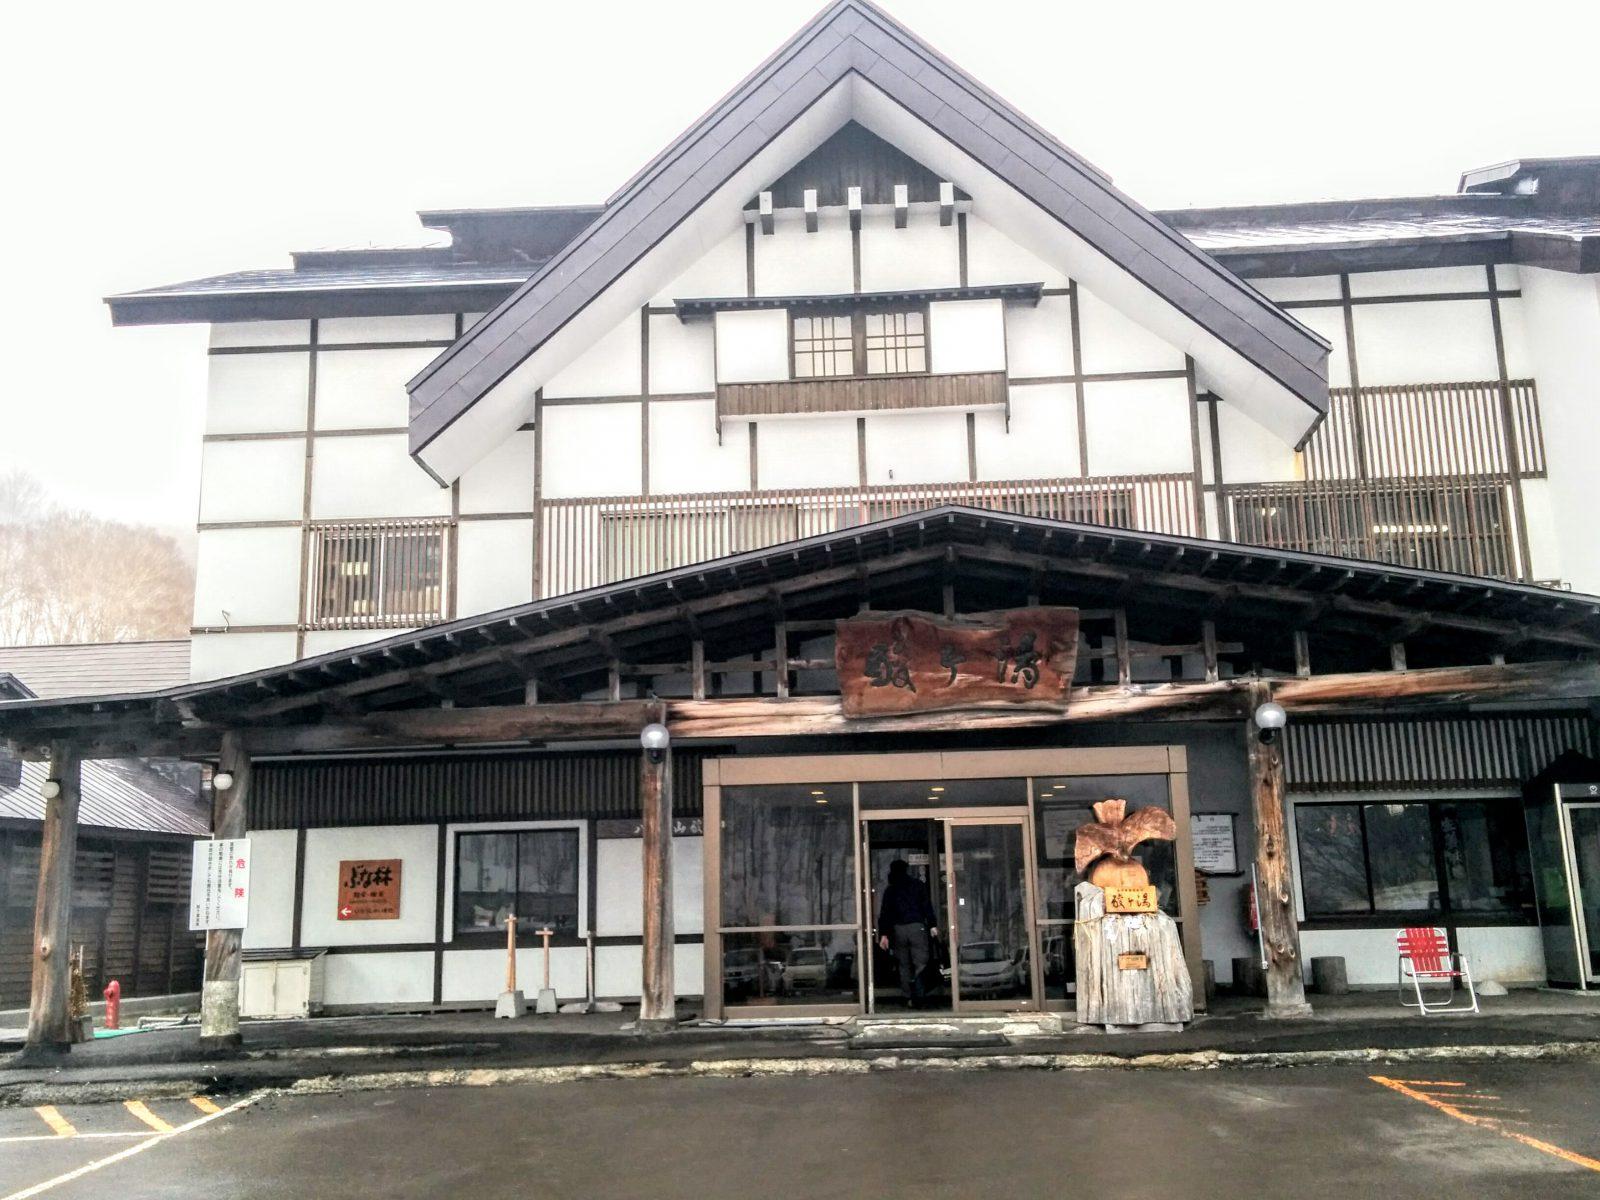 【青森県】国民保養温泉地「酸ヶ湯温泉旅館」観光タクシー